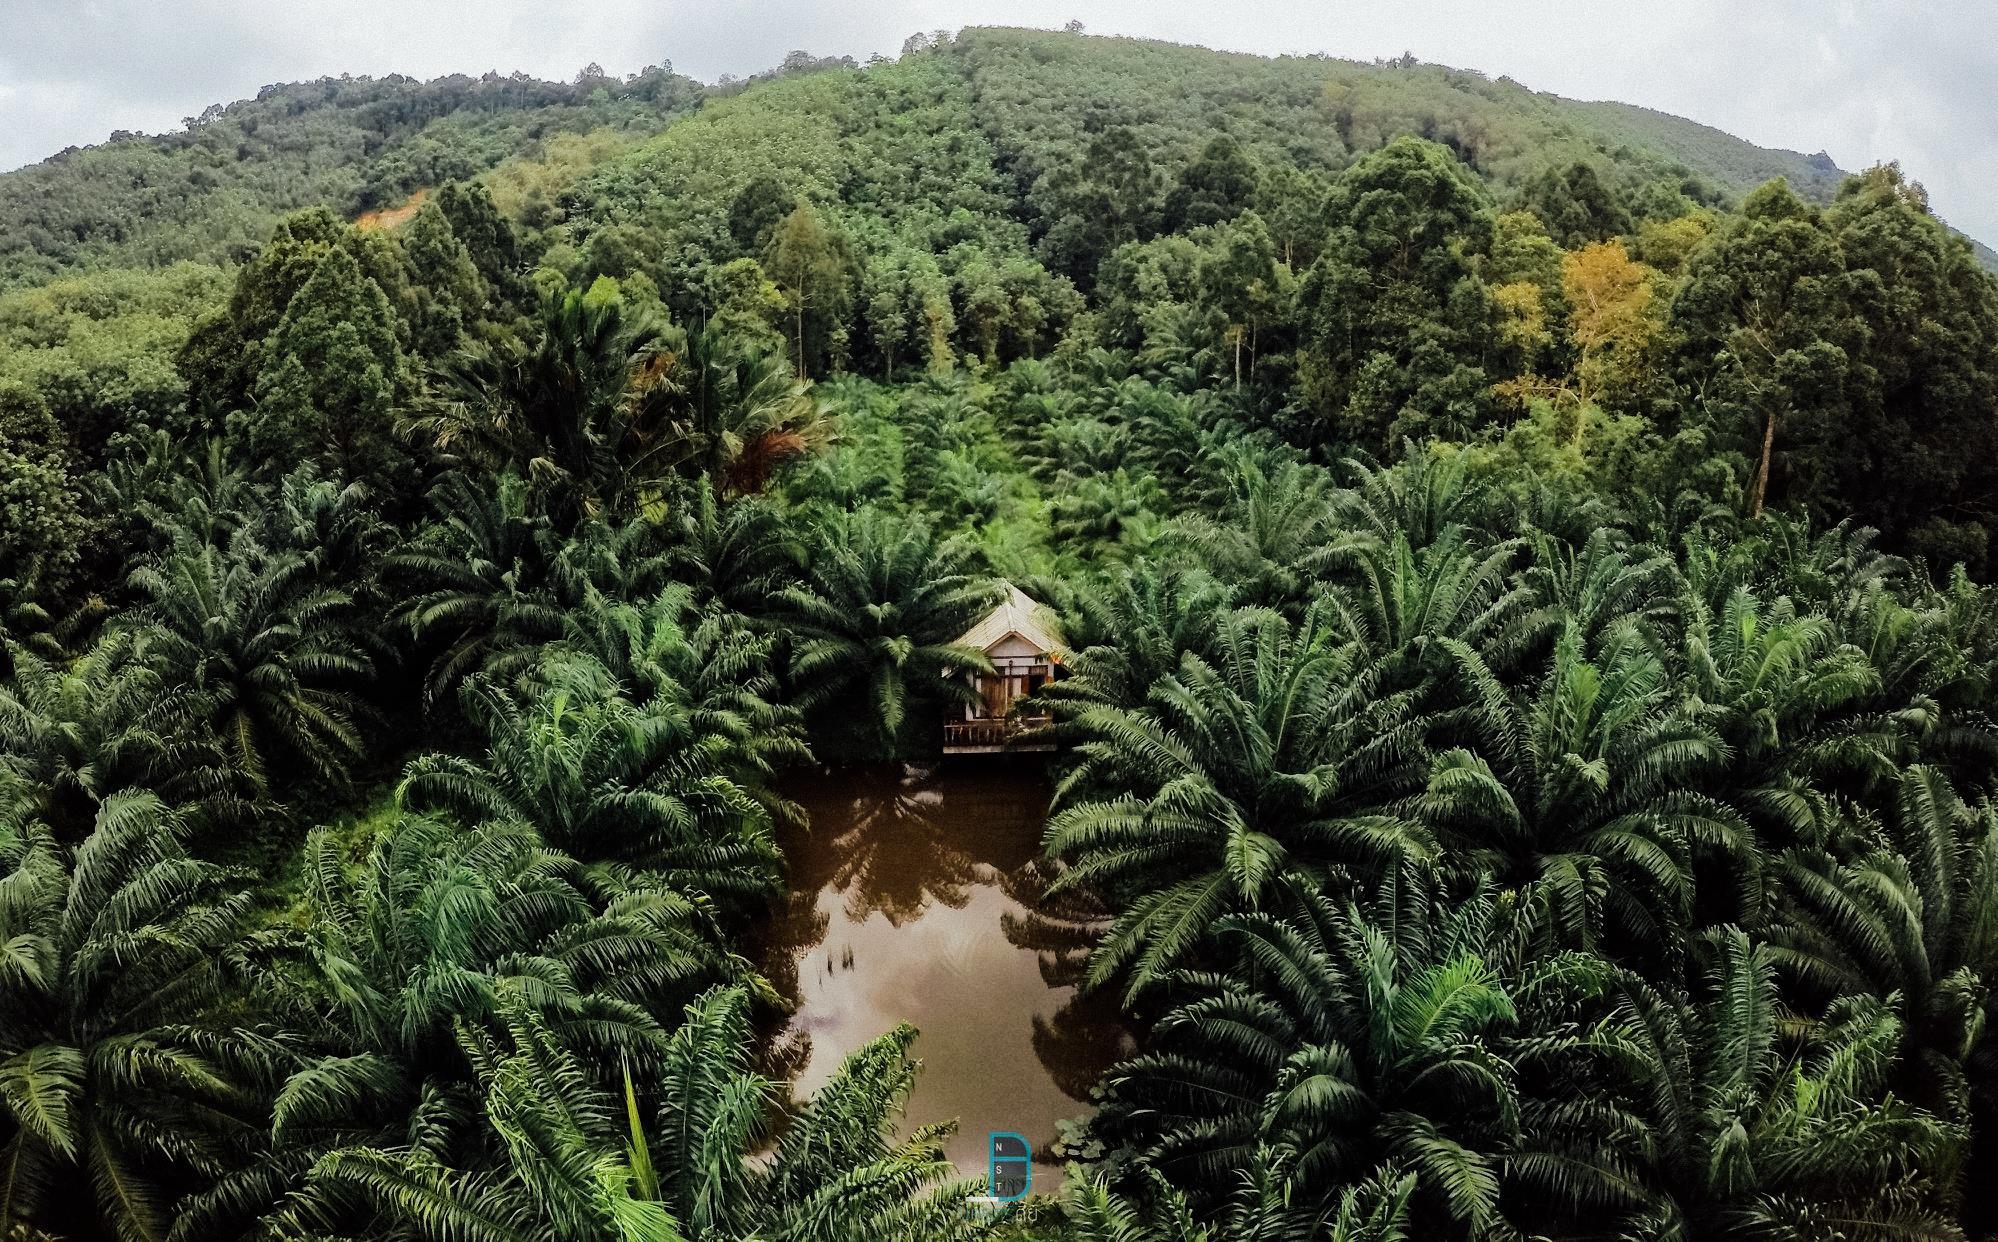 5.-บ้านไร่ชายเขาฟาร์มสเตย์-เชียรใหญ่-ฟาร์มสเตย์เล็กๆ-ที่เต็มไปด้วยธรรมชาติ-ให้ได้พักผ่อนชาร์จแบตกันอย่างเต็มที่-และยังมีกิจกรรมวิถีชุมชนให้เลือกทำด้วยนะครับ ธรรมชาติ,ลำธาร,ป่าเขา,นครศรีธรรมราช,เมืองคอน,รวมรีวิว,จุดเช็คอิน